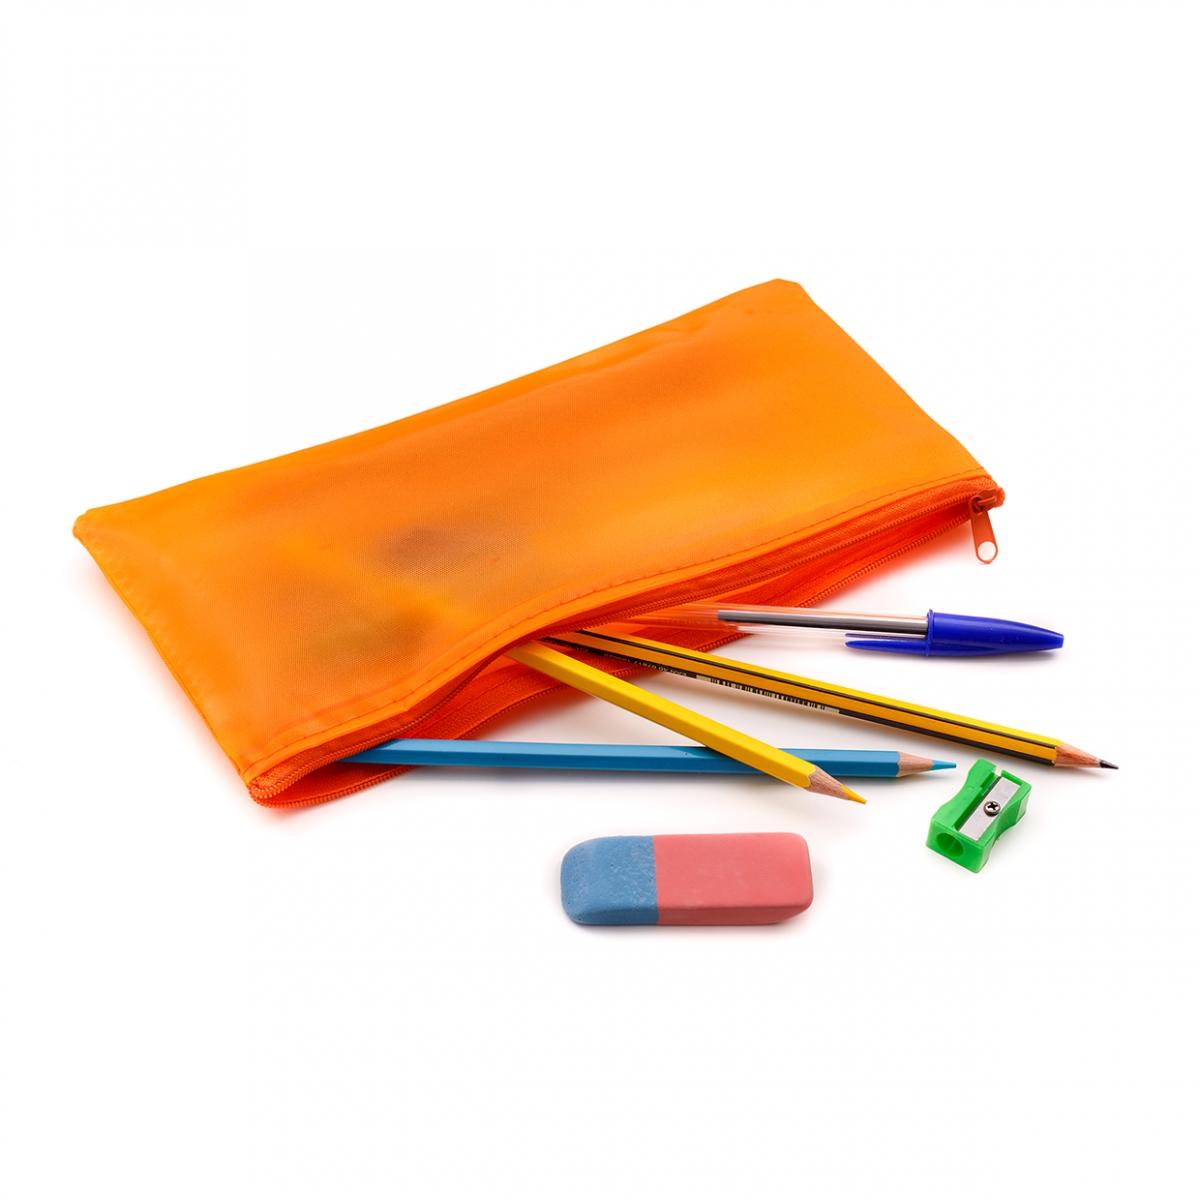 Imagen en la que aparece un estuche abierto con varias herramientas de escritura y dibujo